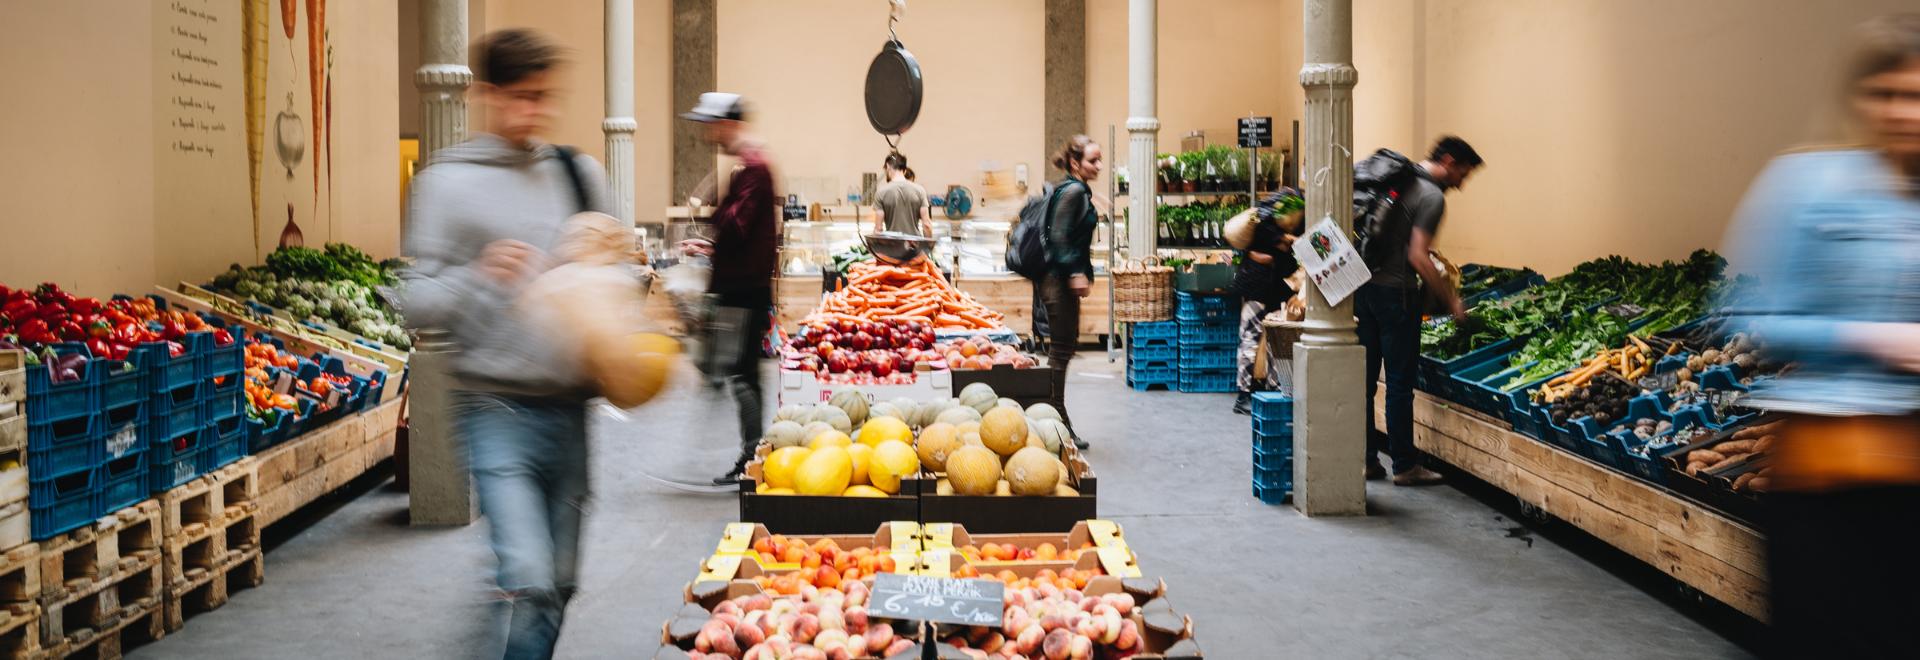 Achetez vos produits bio au Marché Bio